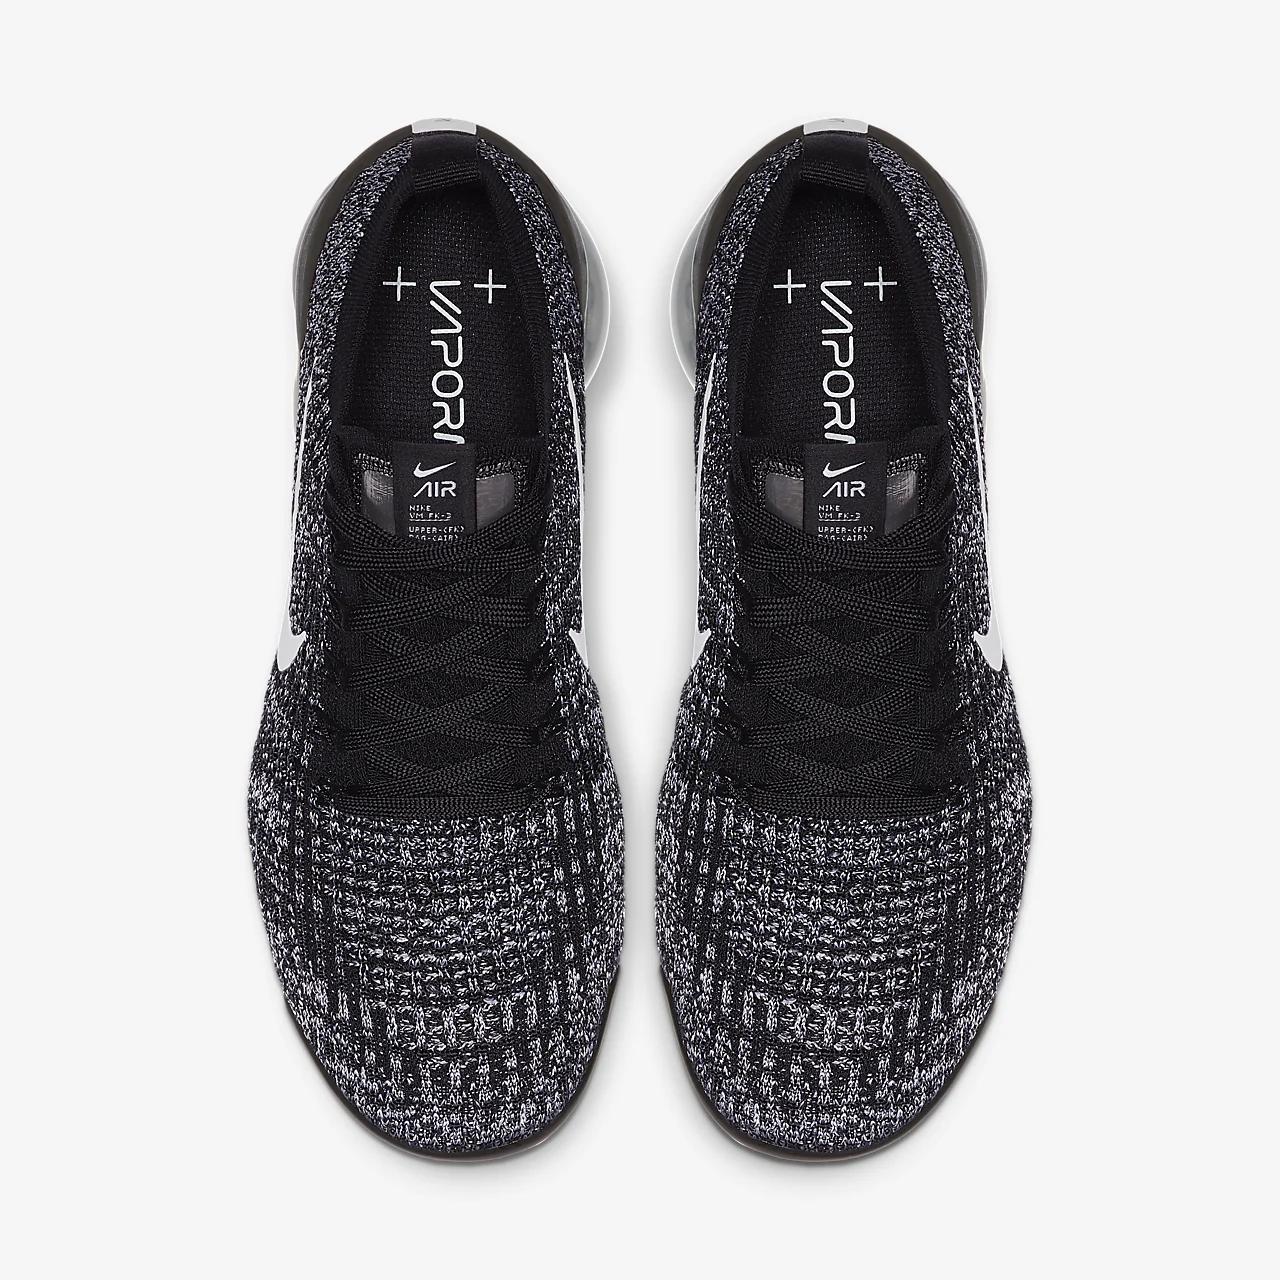 나이키 에어 베이퍼맥스 플라이니트 3 여성 신발 AJ6910-001